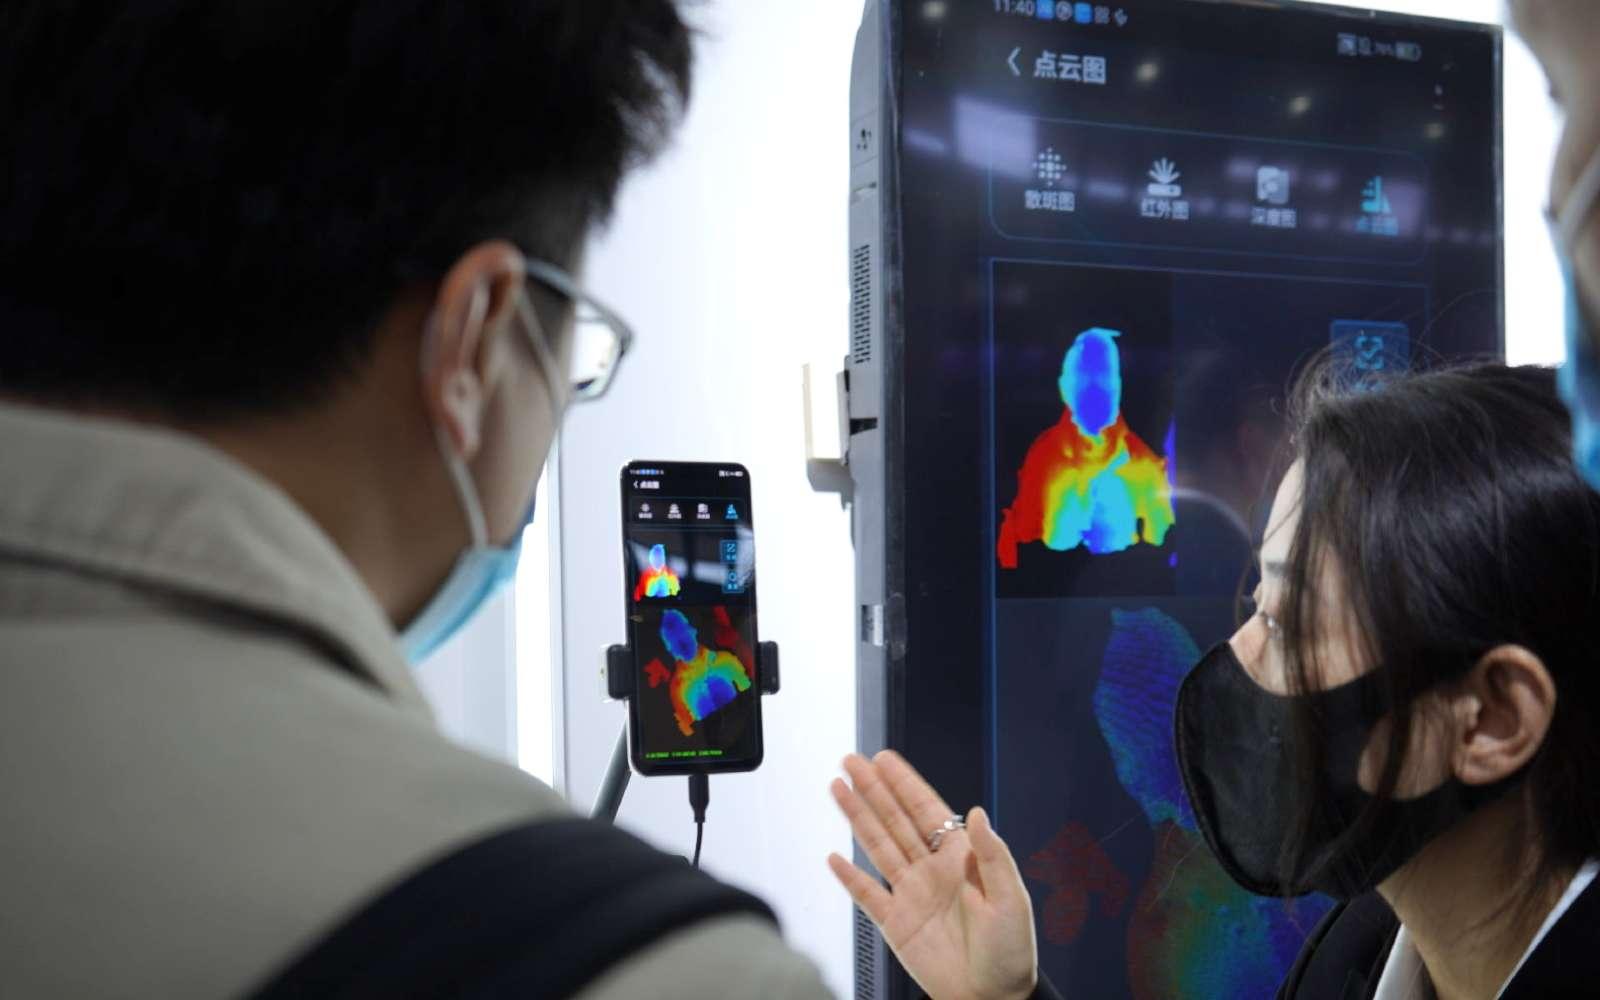 Le projecteur qui permet de reconnaître un visage en 3D a vu sa puissance démultipliée. © ZTE